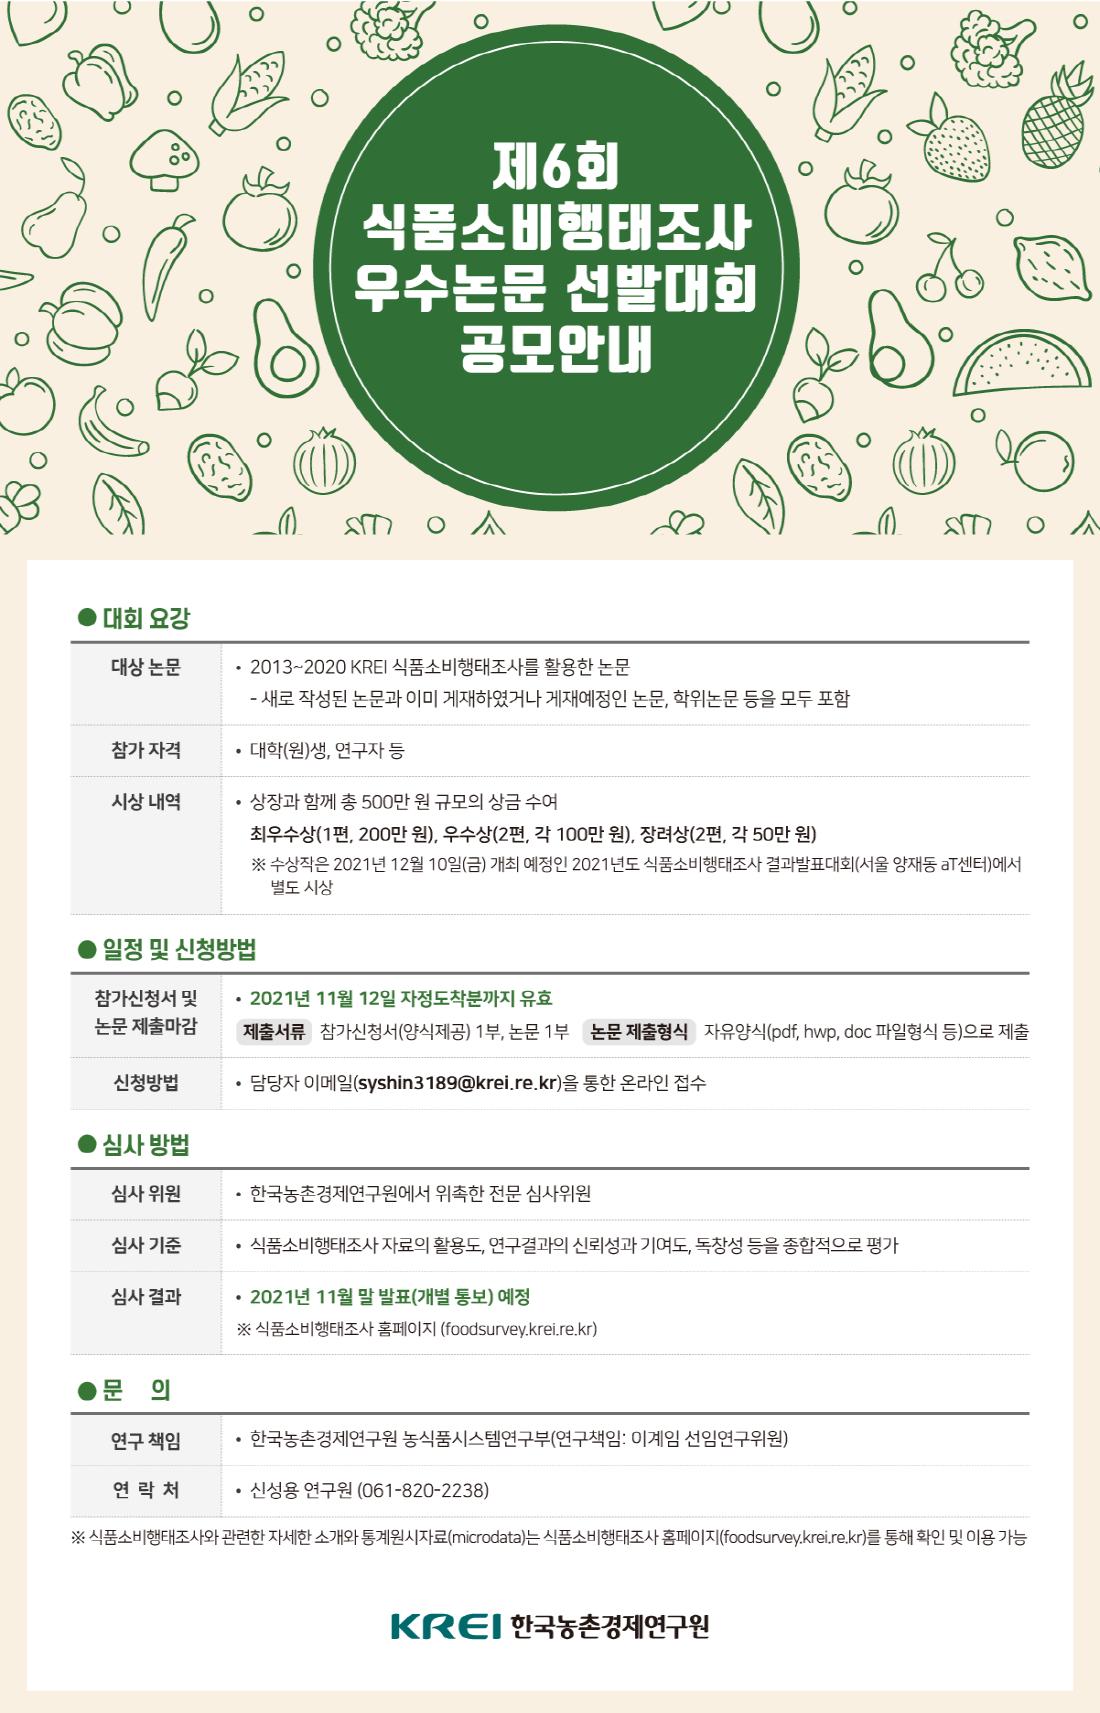 식품소비행태조사 활용 우수논문 경진대회 공고